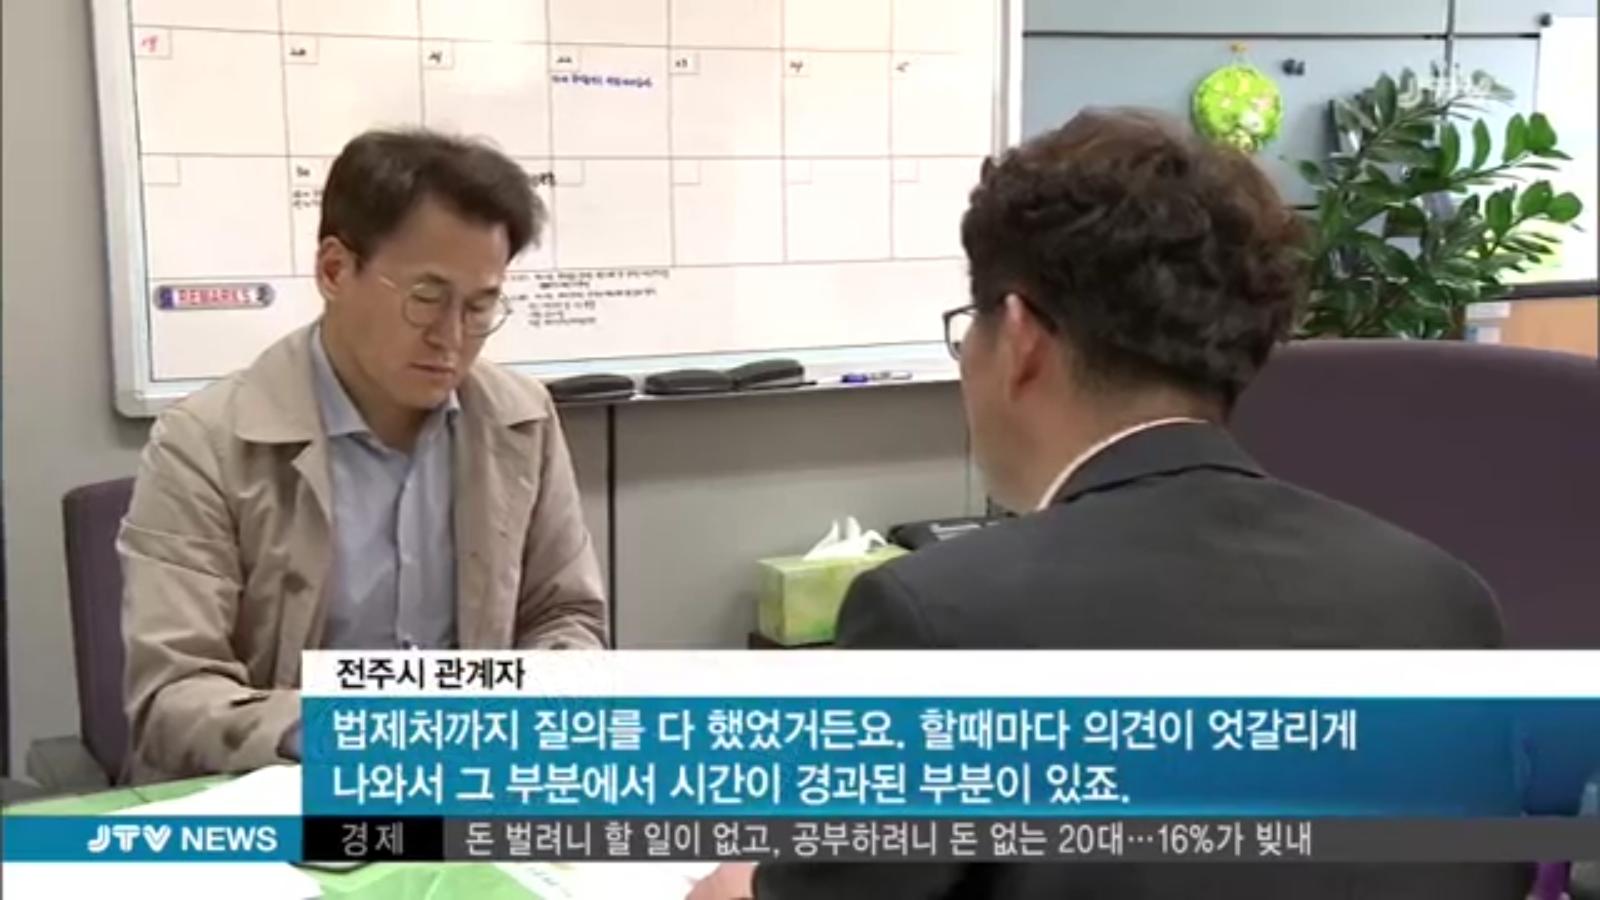 [17.11.05 JTV] 봉침목사 시설 모태인 단체도 설립부터 '엉터리'...줄줄 새는 보조금9.jpg